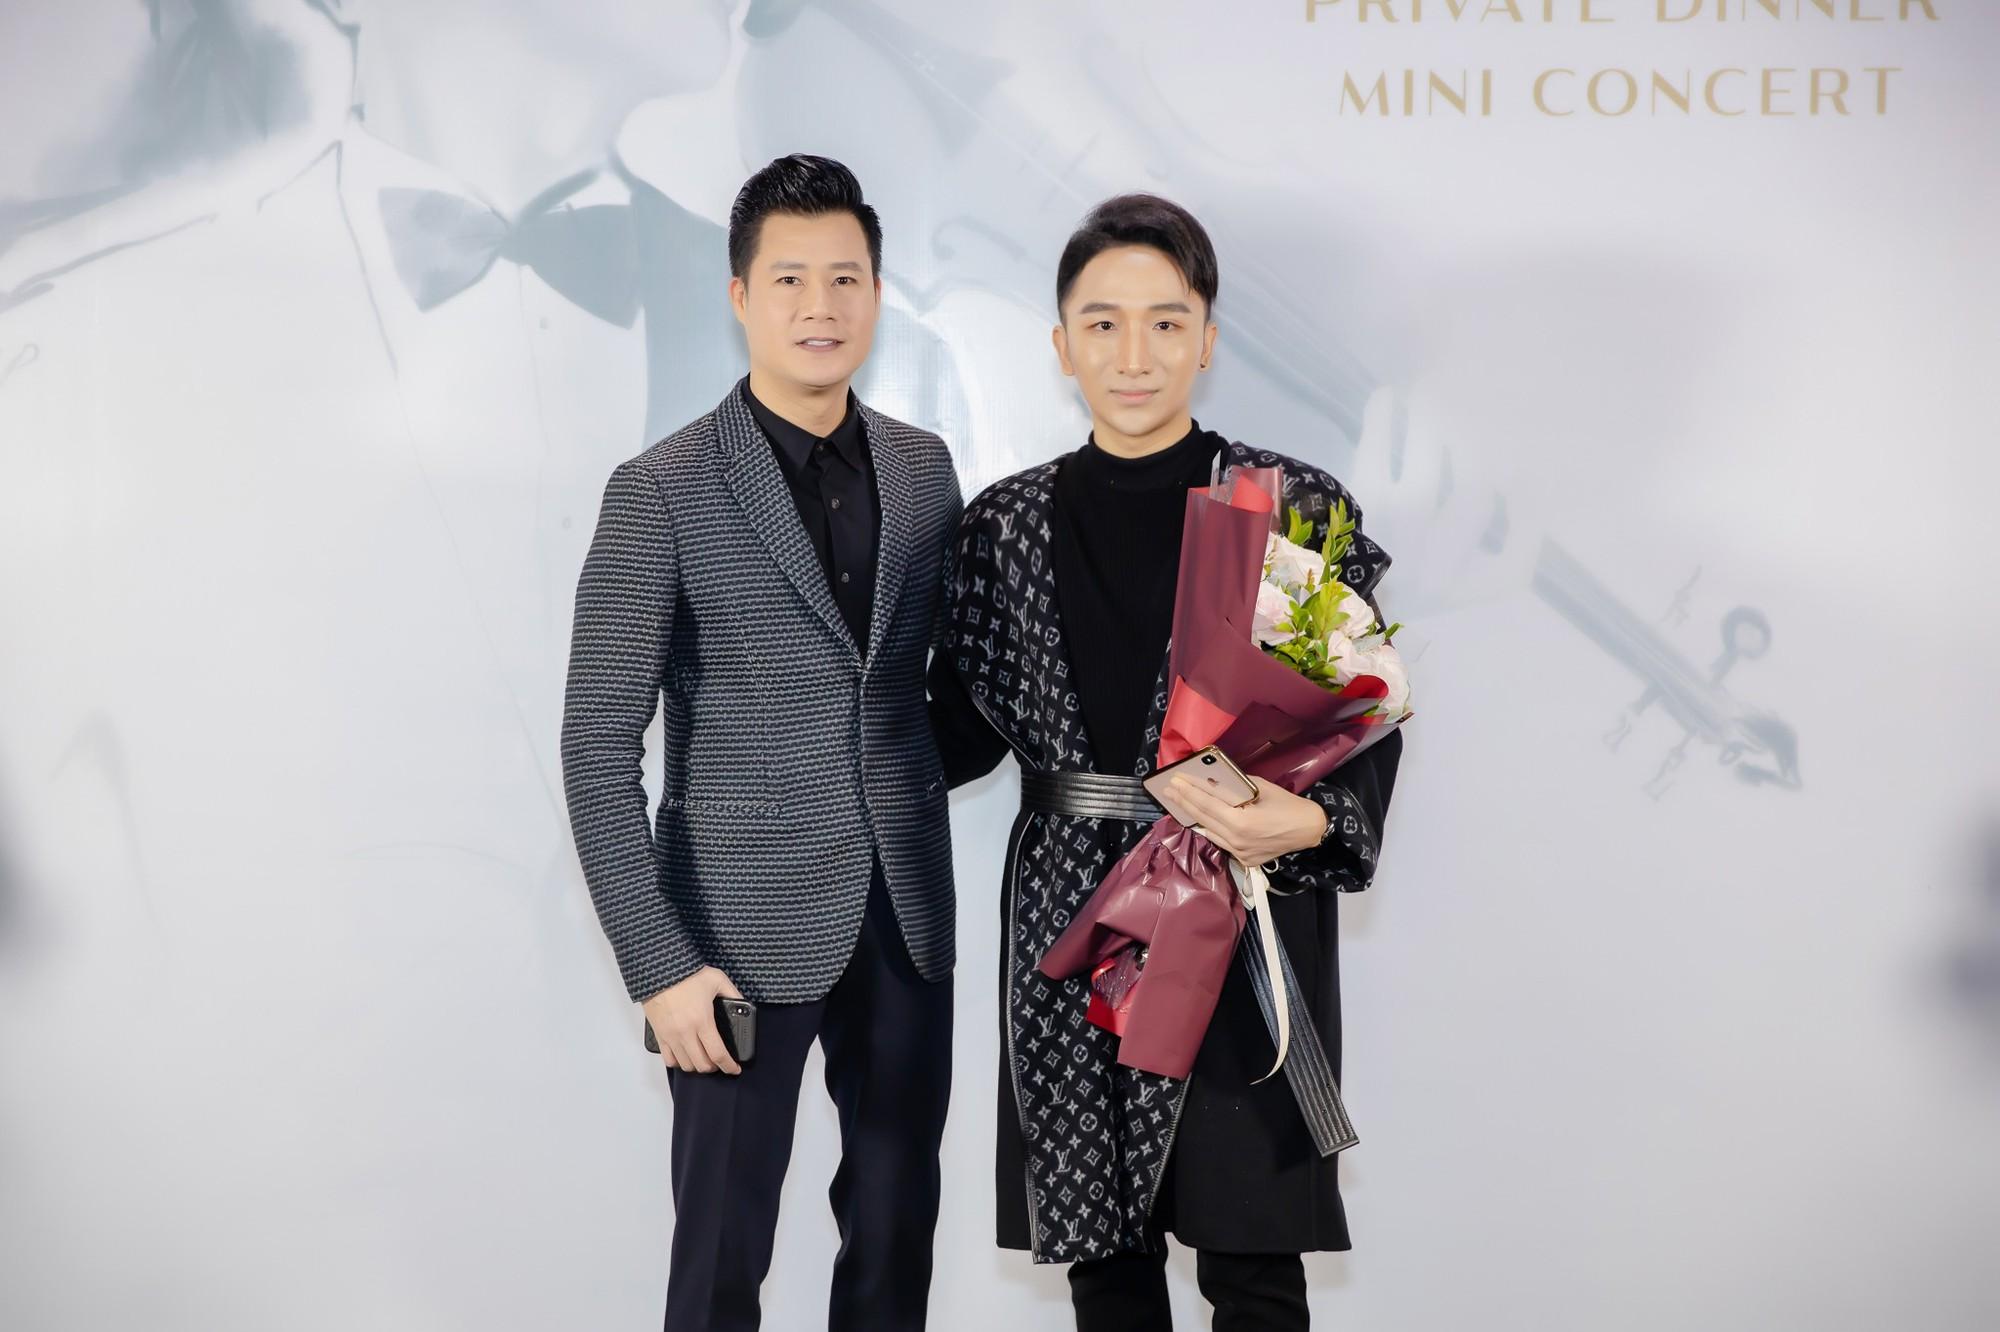 Hồ Ngọc Hà - Kim Lý cùng dàn sao Việt đến ủng hộ đêm nhạc riêng của nghệ sĩ violin Hoàng Rob - Ảnh 4.